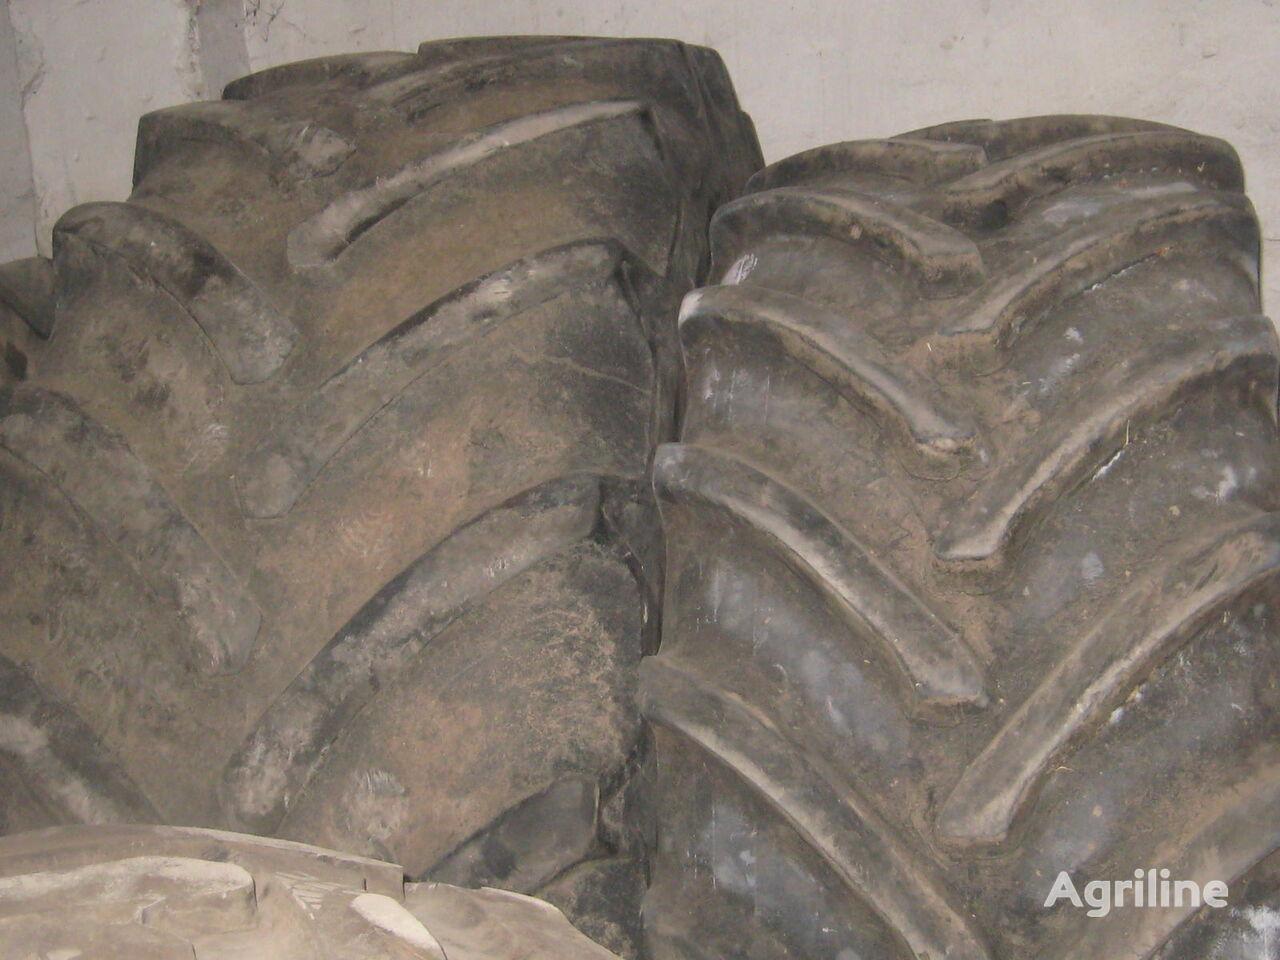 CLAAS harvester tyre